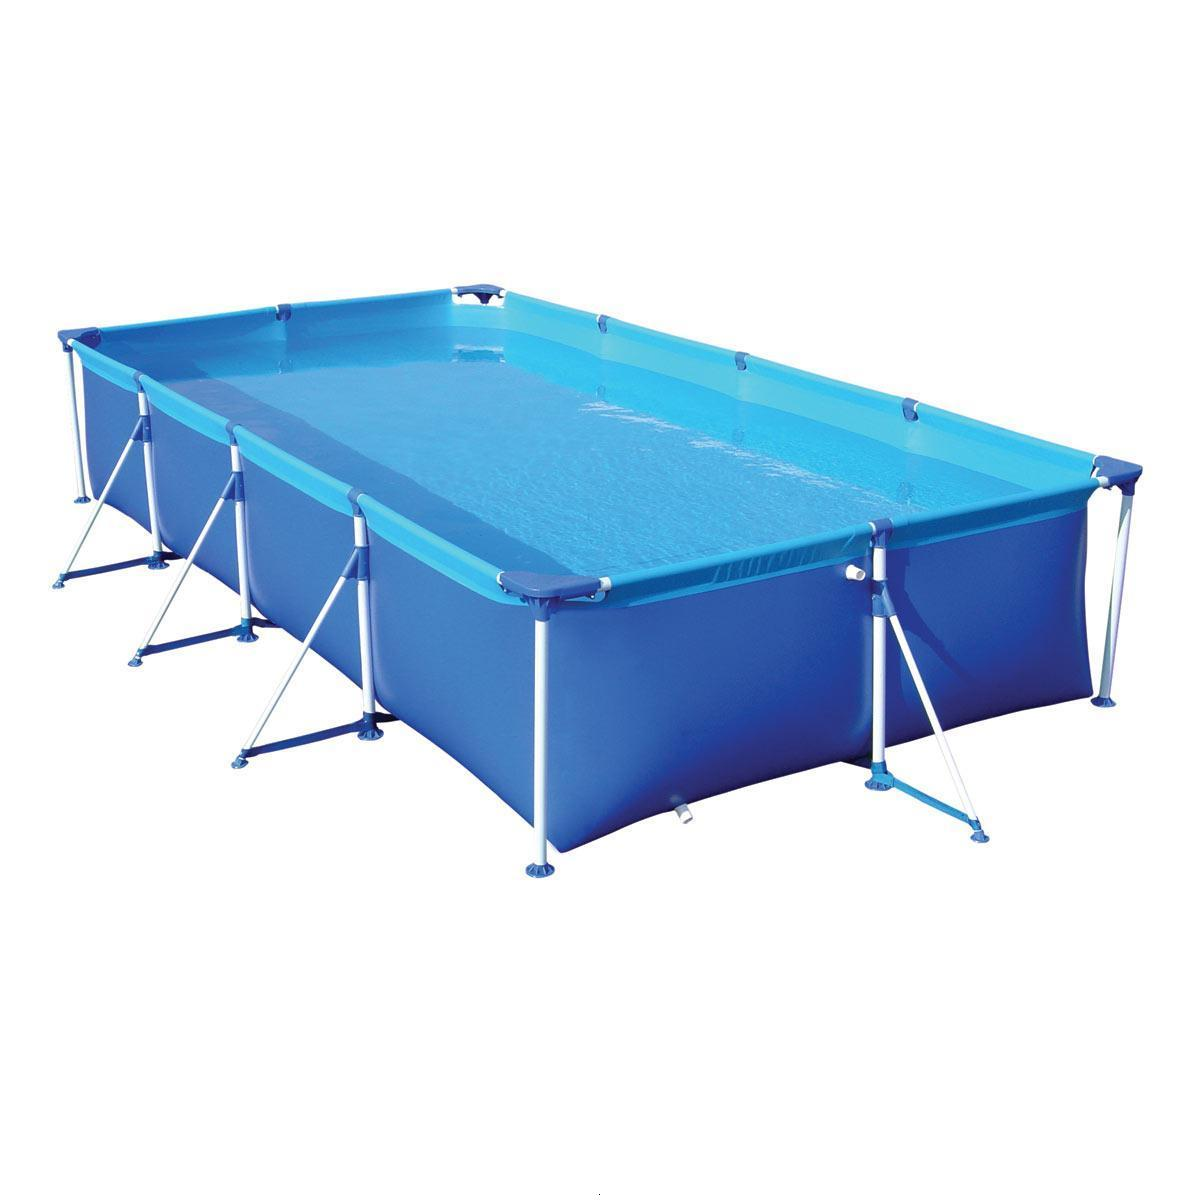 Para voce que procura mais conforto e comodidade nos dias for Ofertas de piscinas